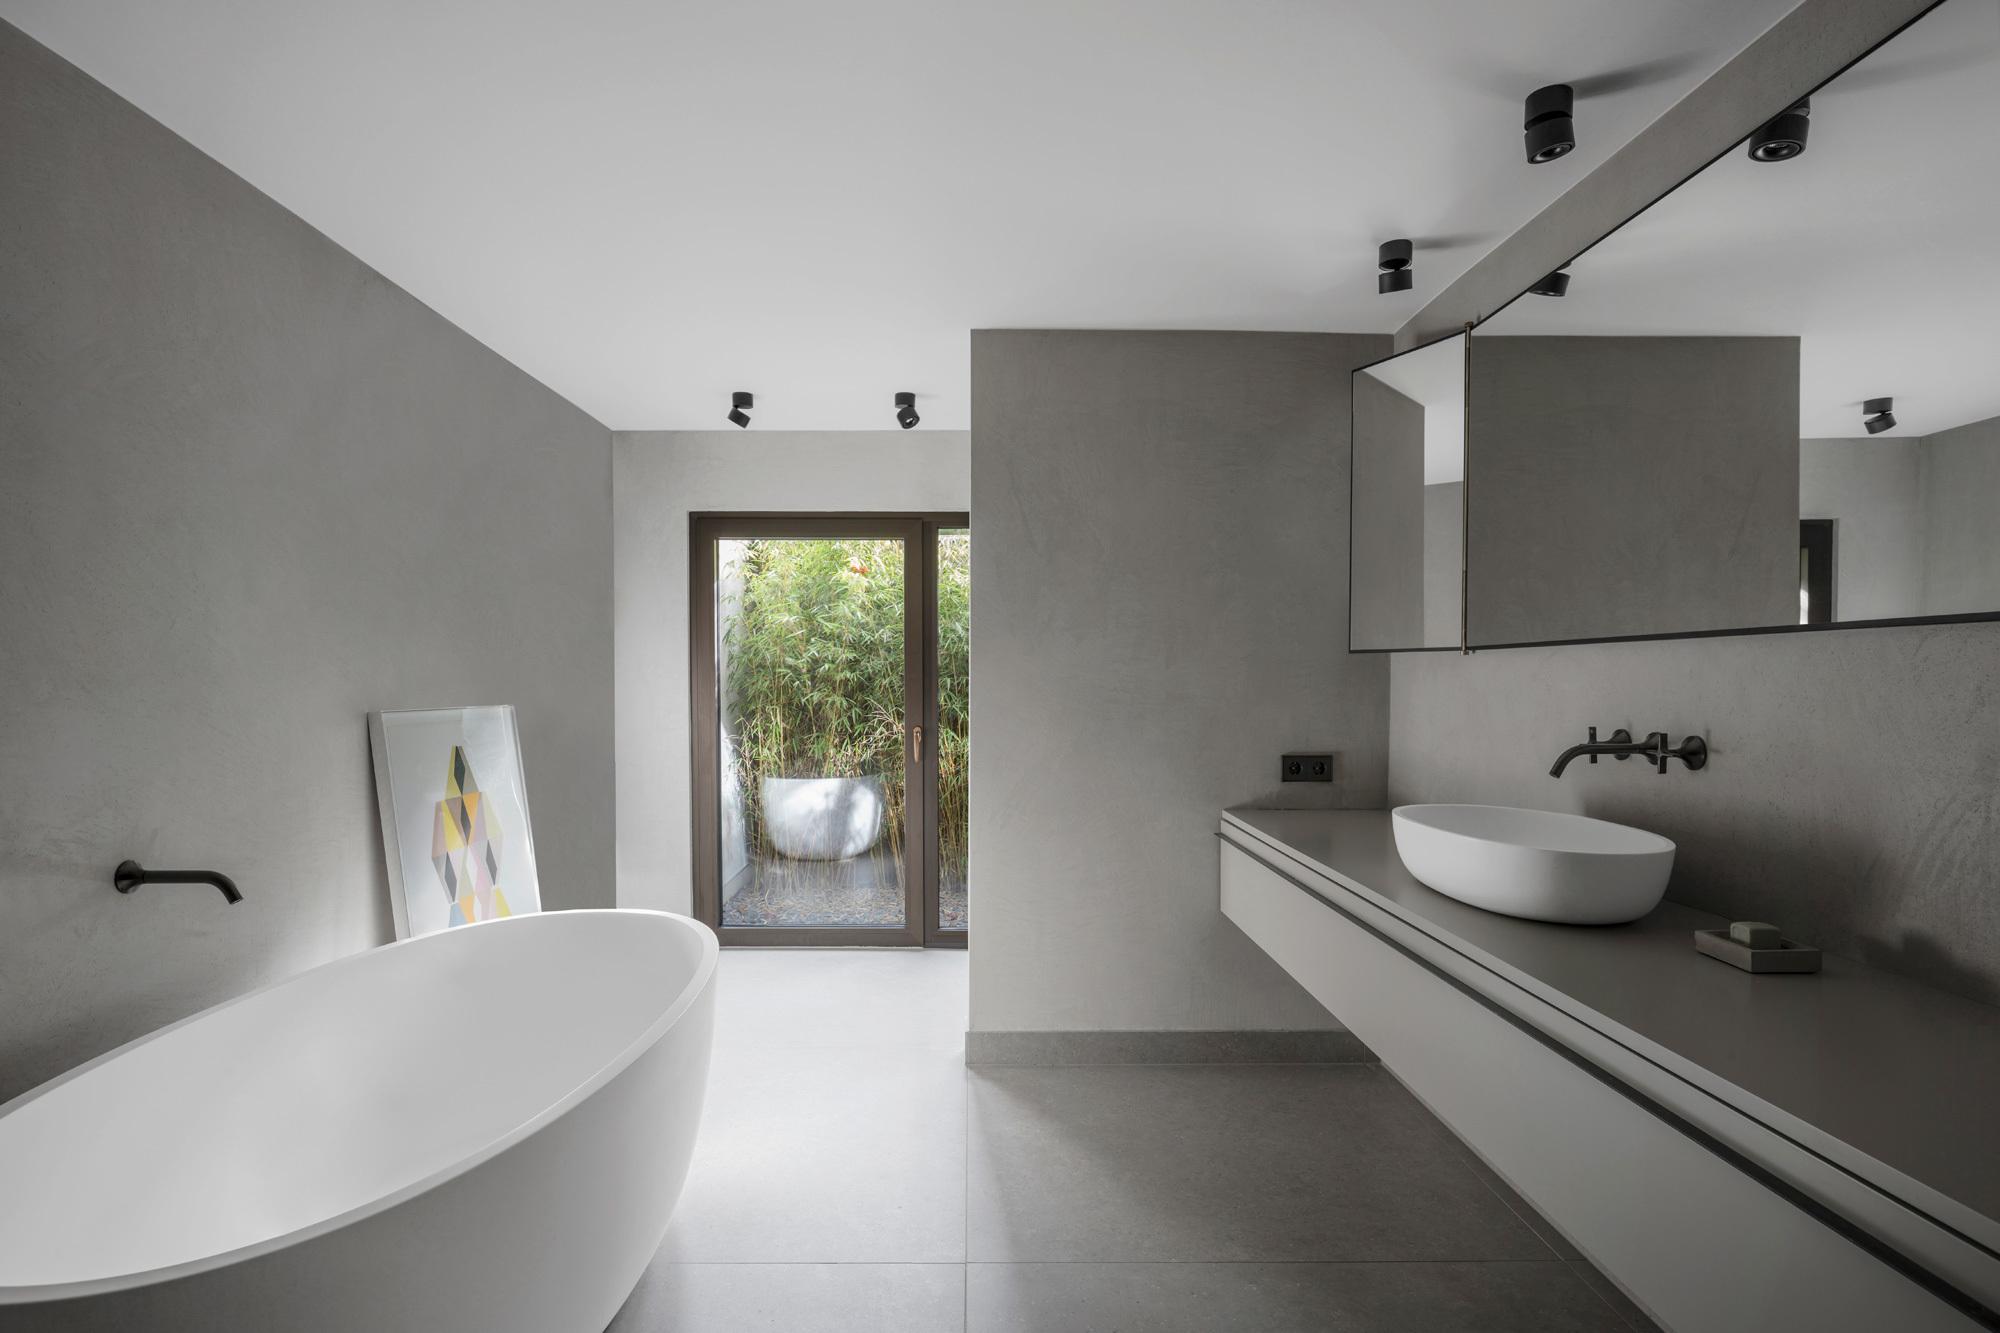 Das großzügige Bad ist in der ehemaligen Garage im Untergeschoss des Hauses Bruno Lambart untergebracht.